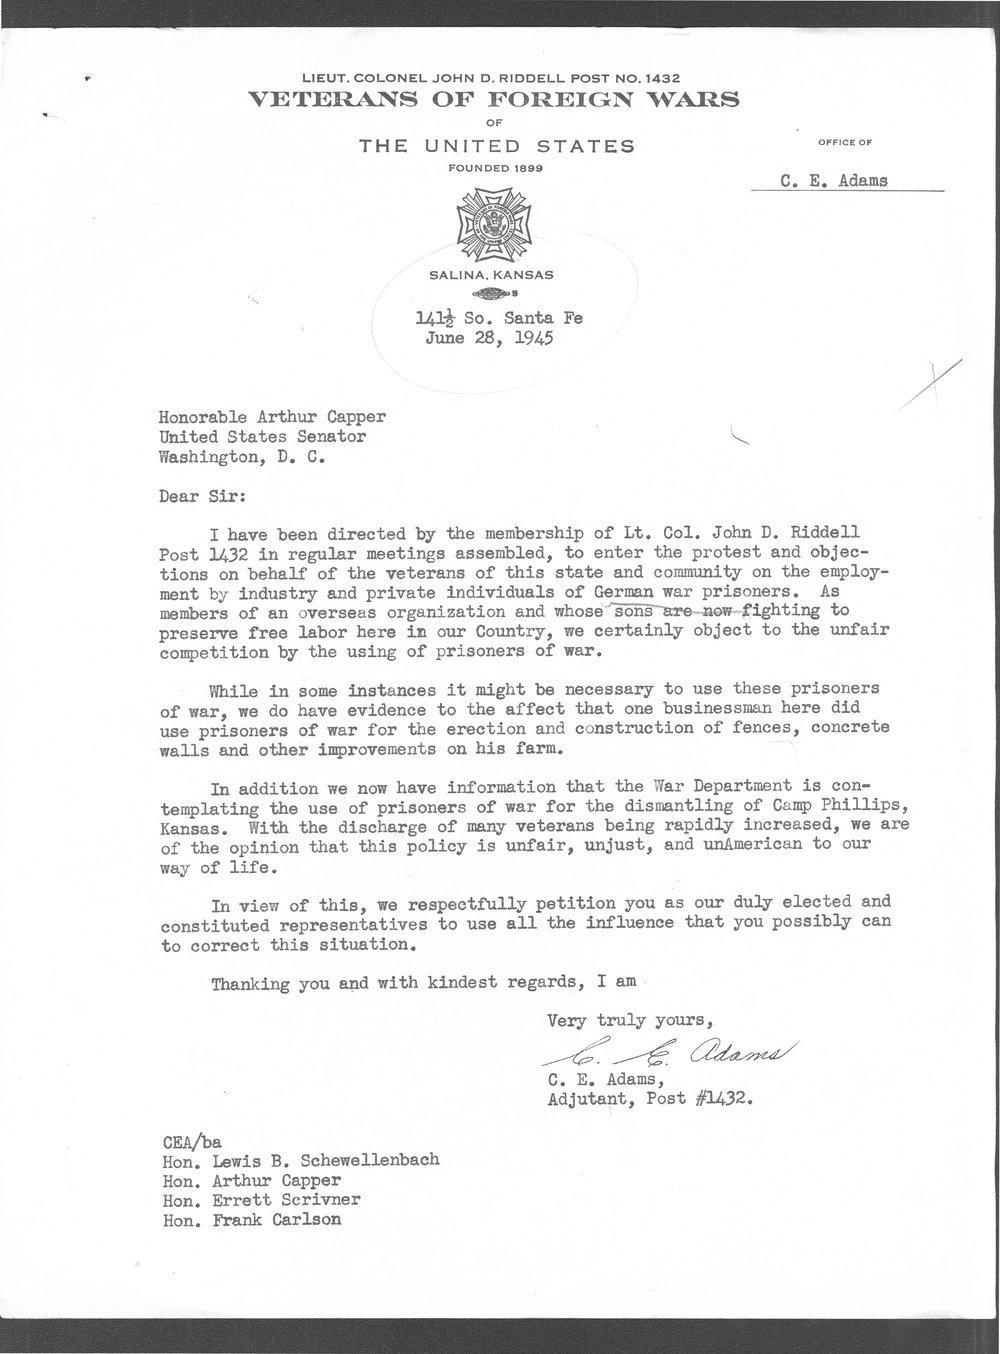 C. E. Adams, VFW Post 1432 to Senator Arthur Capper